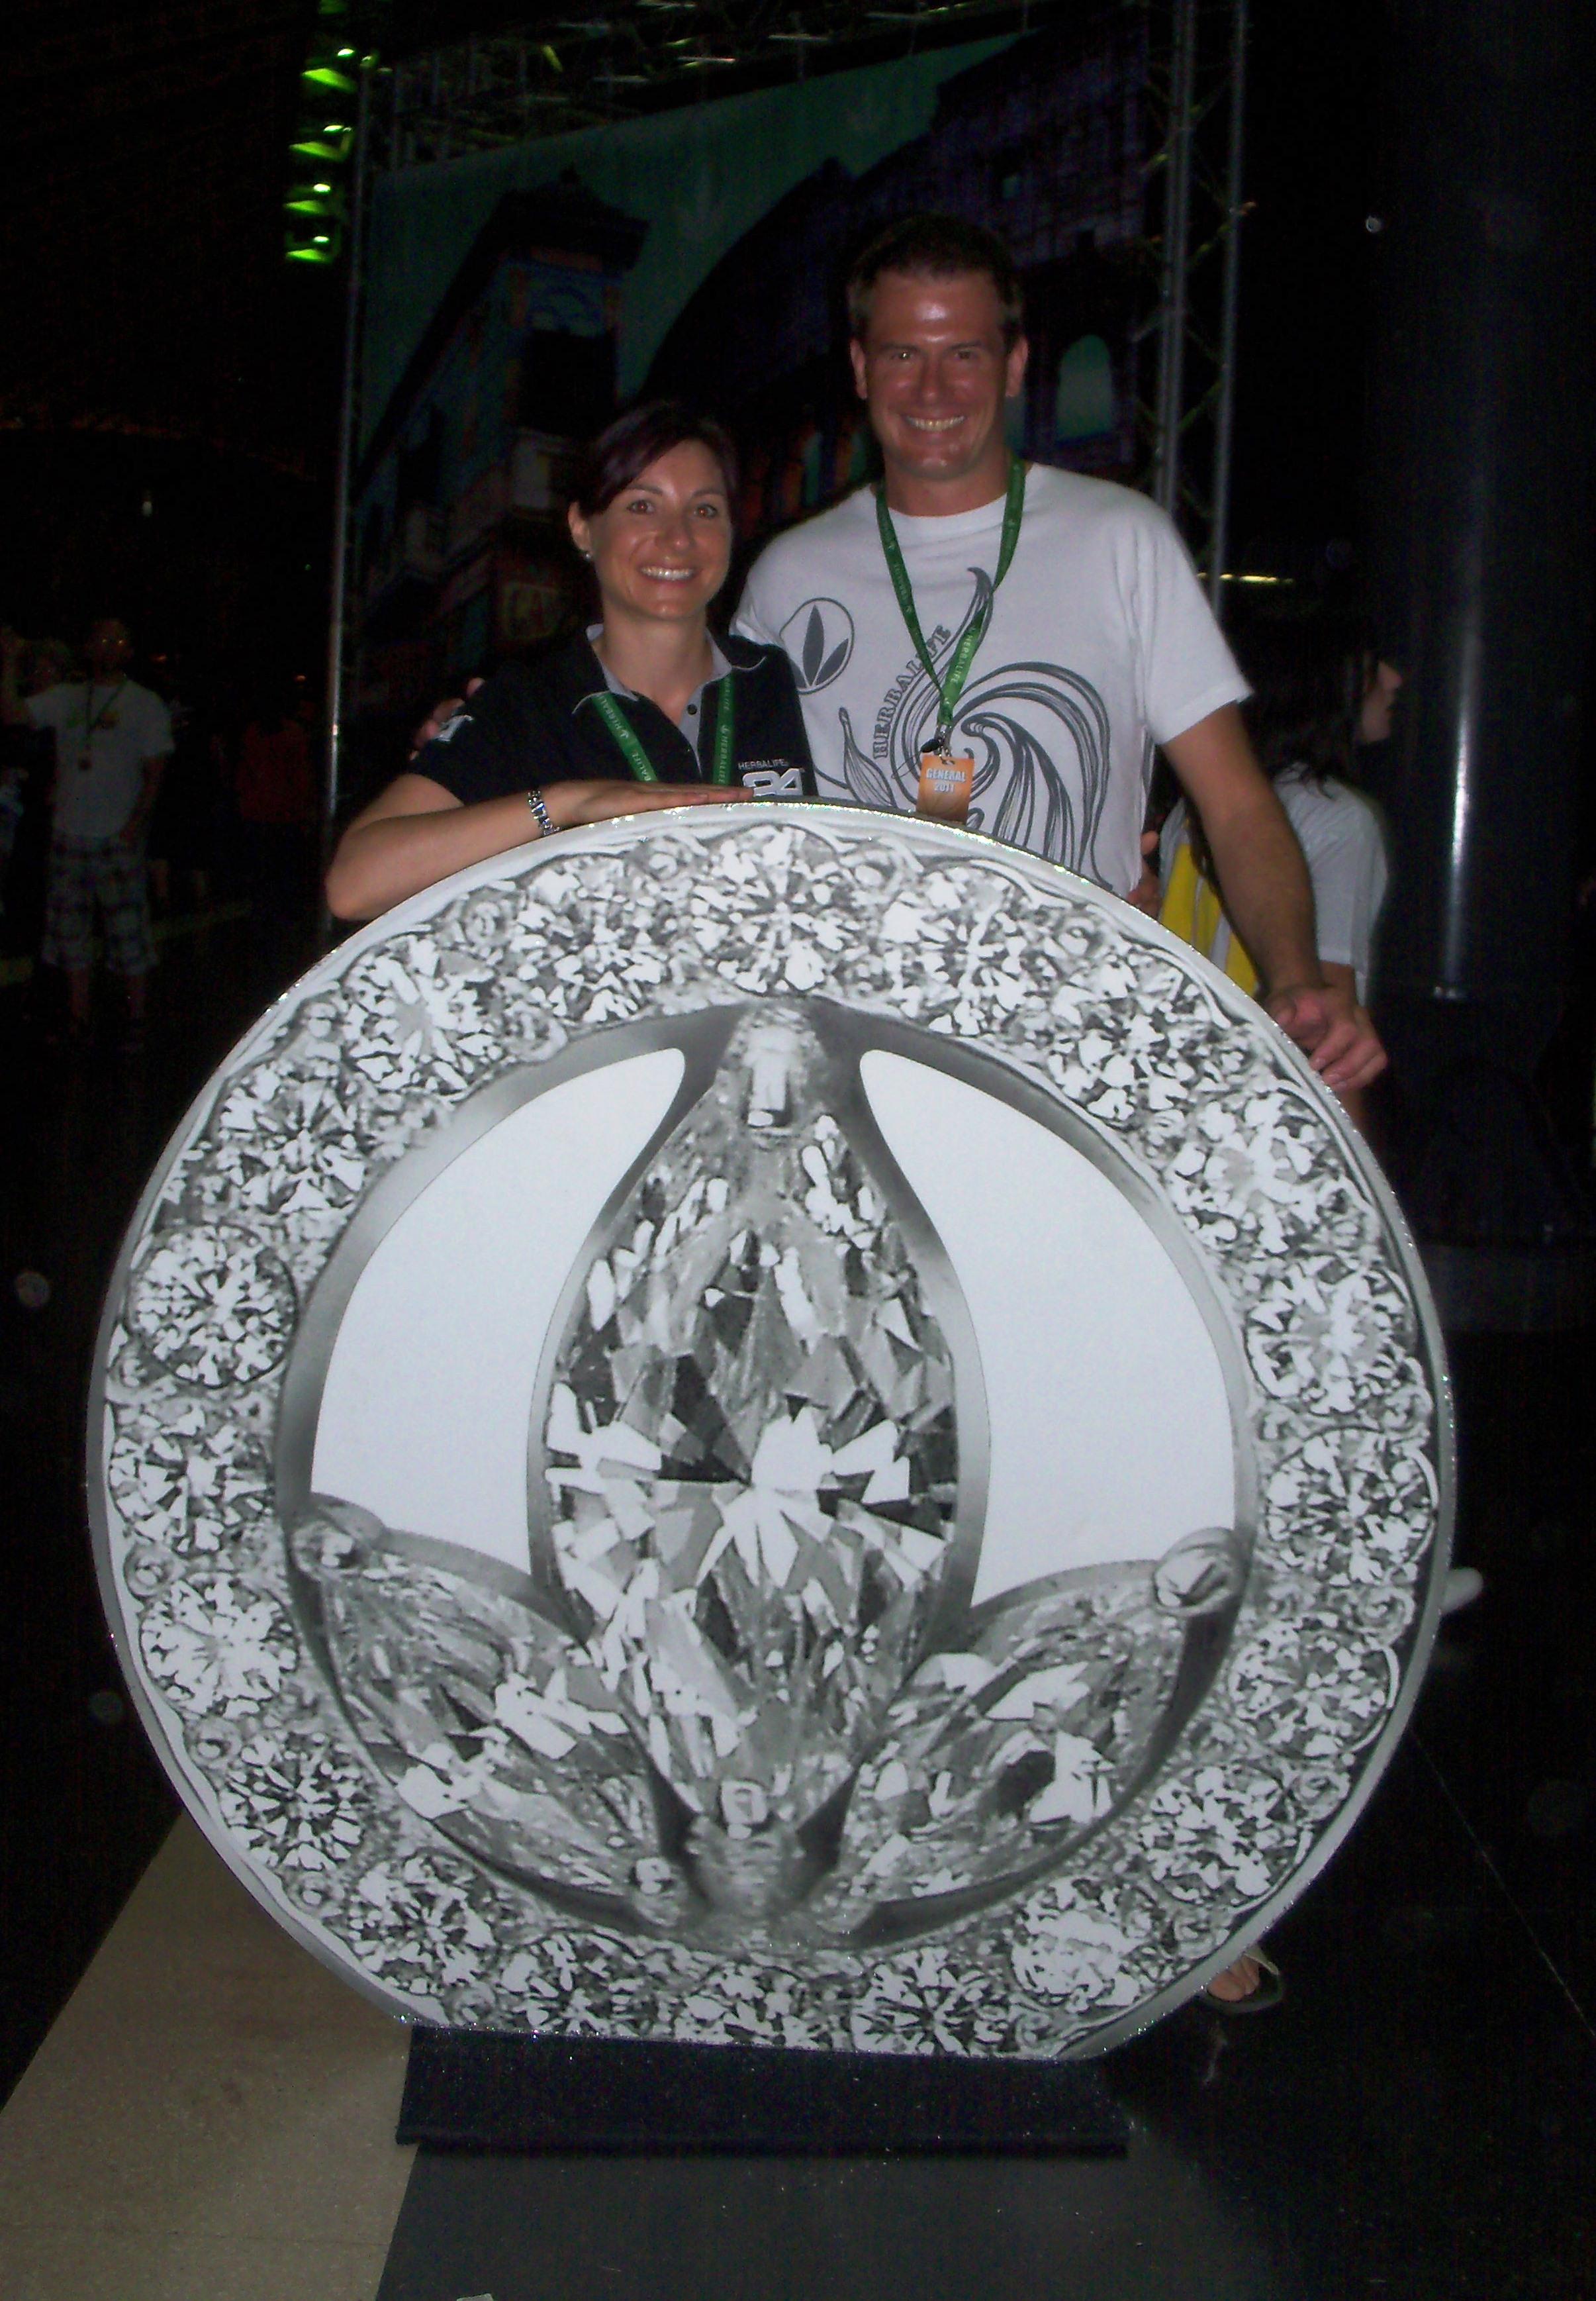 Michael Gröbner & Claudia Steinhauser